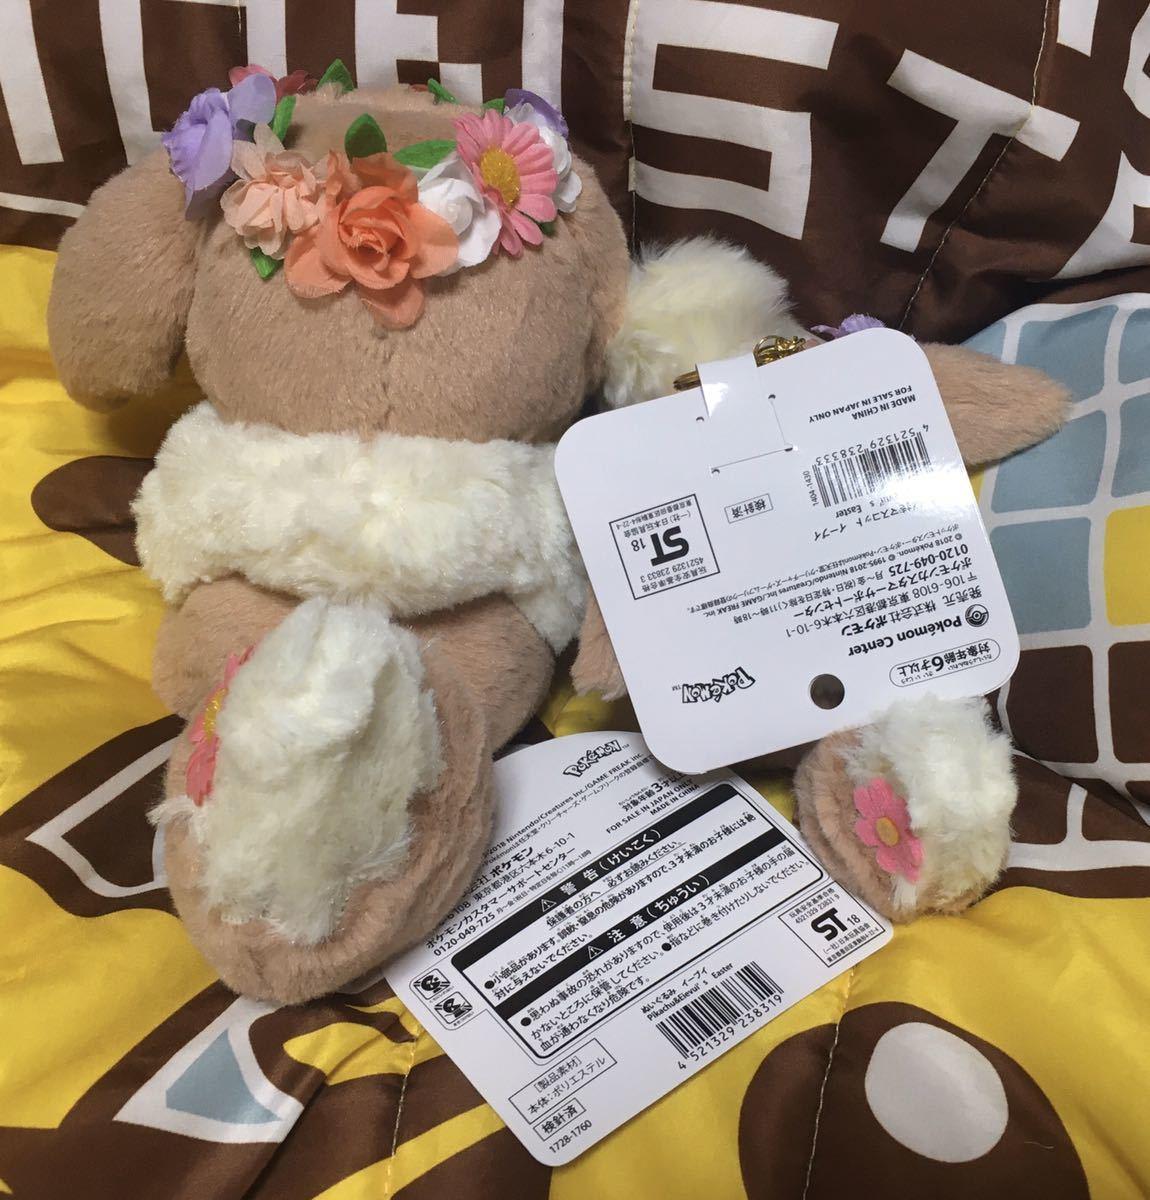 ポケットモンスター ぬいぐるみ チャーム付きマスコット Pikachu&Eievui's Easter イーブイ セット イースター ポケモンセンター限定_画像2